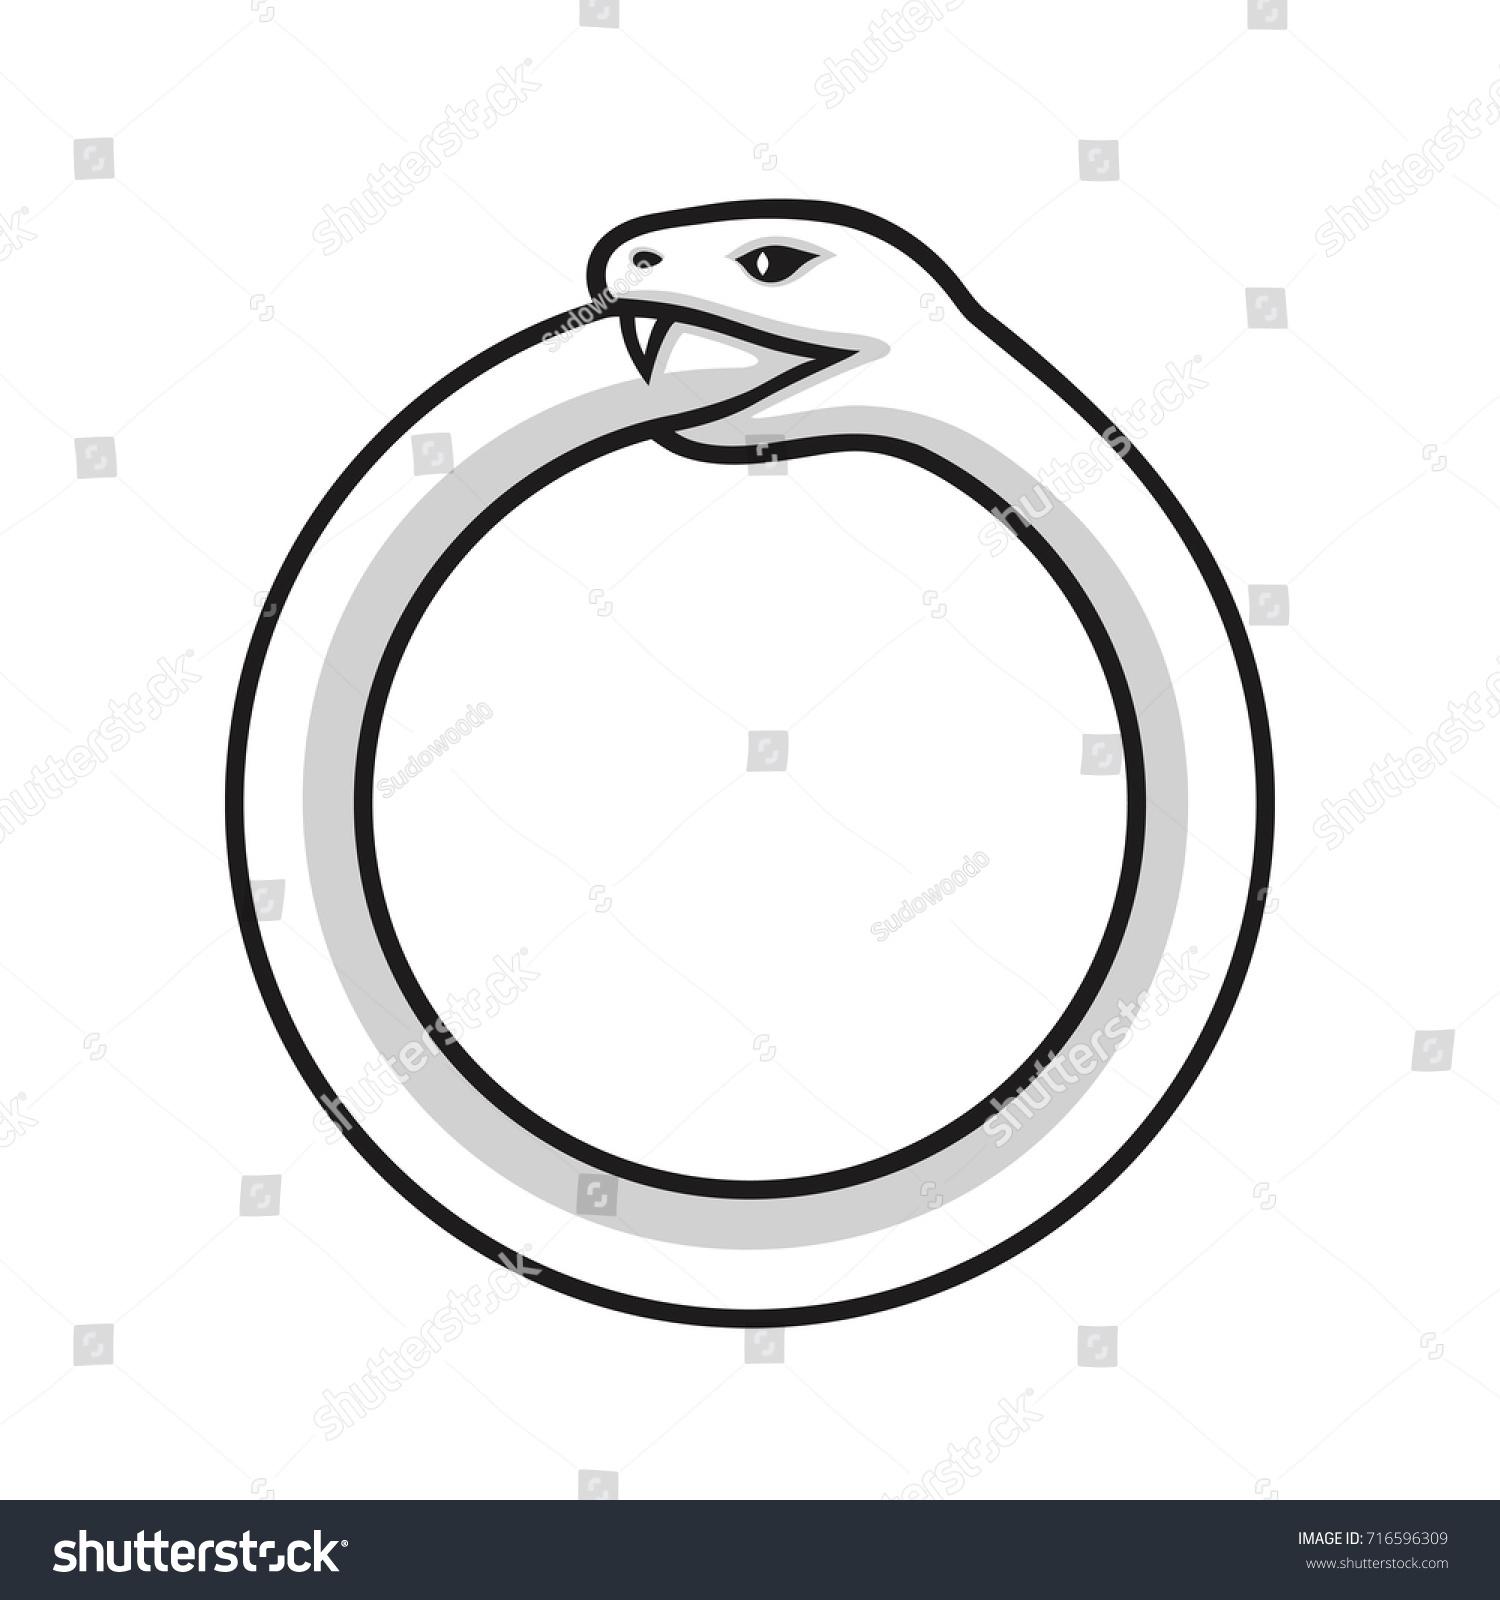 Ouroboros Symbol Snake Eating Own Tail Stock Illustration 716596309